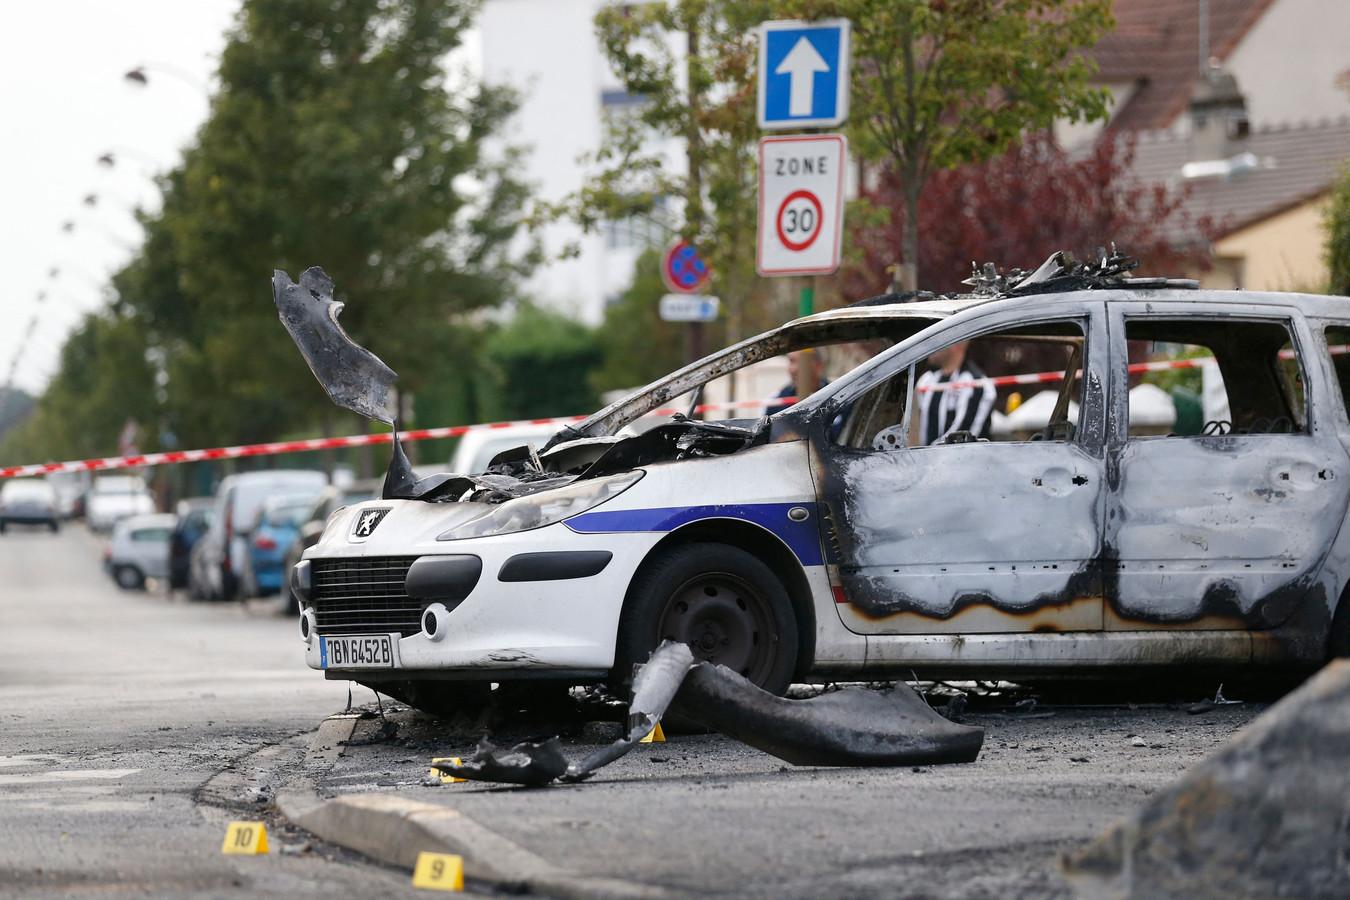 Archiefbeeld. De agenten in deze politiewagen werden aangevallen met molotovcocktails. (08/10/2016)